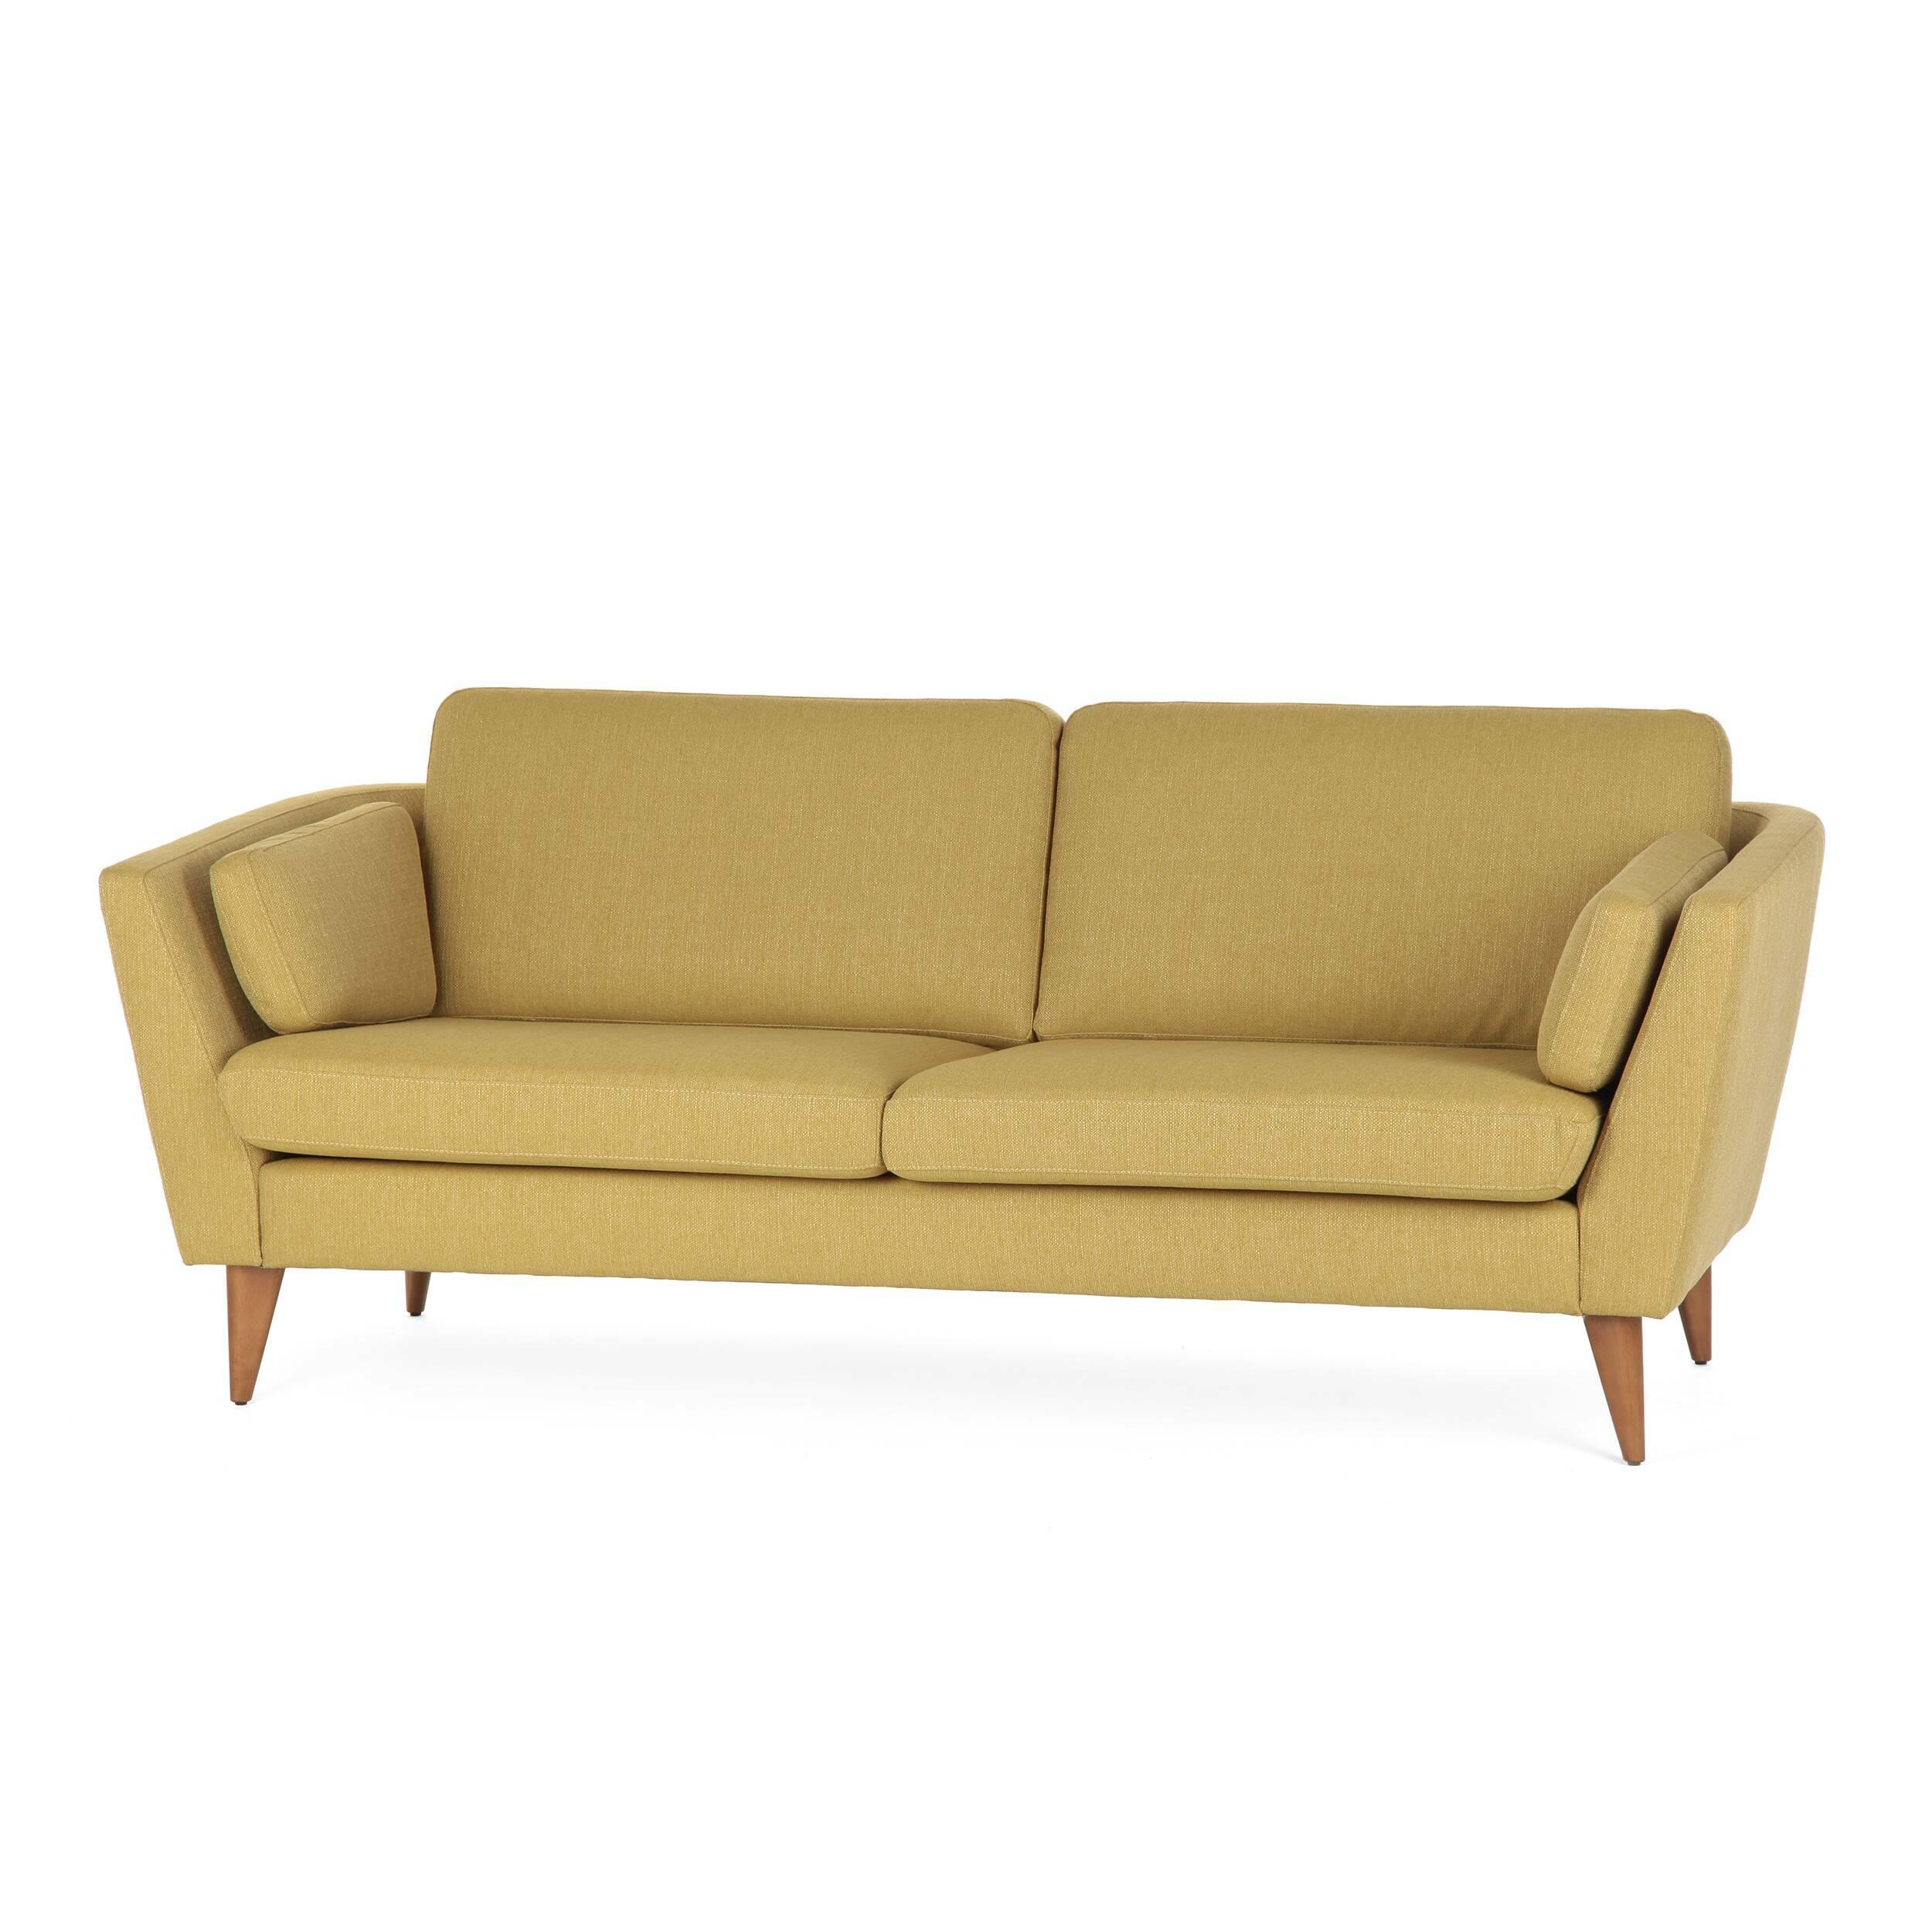 Диван Mynta ширина 200Трехместные<br>Дизайнерский удобный диван Mynta (Минта) классической формы на высоких деревянных ножках от Sits (Ситс).<br> Диван Mynta ширина 200 — произведение дизайнерского искусства компании Sits. Мебель Sits — это дизайн шведской школы, она отличается высоким качеством материалов и широкой цветовой палитрой. Экологичность материалов и профессионализм мастеров позволяют создавать предметы инновационного характера, которые нашли свое признание во всем мире.<br><br><br> Модель Mynta выполнена в стиле модерн, для...<br><br>stock: 1<br>Высота: 82<br>Высота сиденья: 45<br>Глубина: 87<br>Длина: 200<br>Цвет ножек: Орех<br>Материал обивки: Полиэстер<br>Коллекция ткани: Категория ткани А<br>Тип материала обивки: Ткань<br>Тип материала ножек: Дерево<br>Цвет обивки: Горчичный